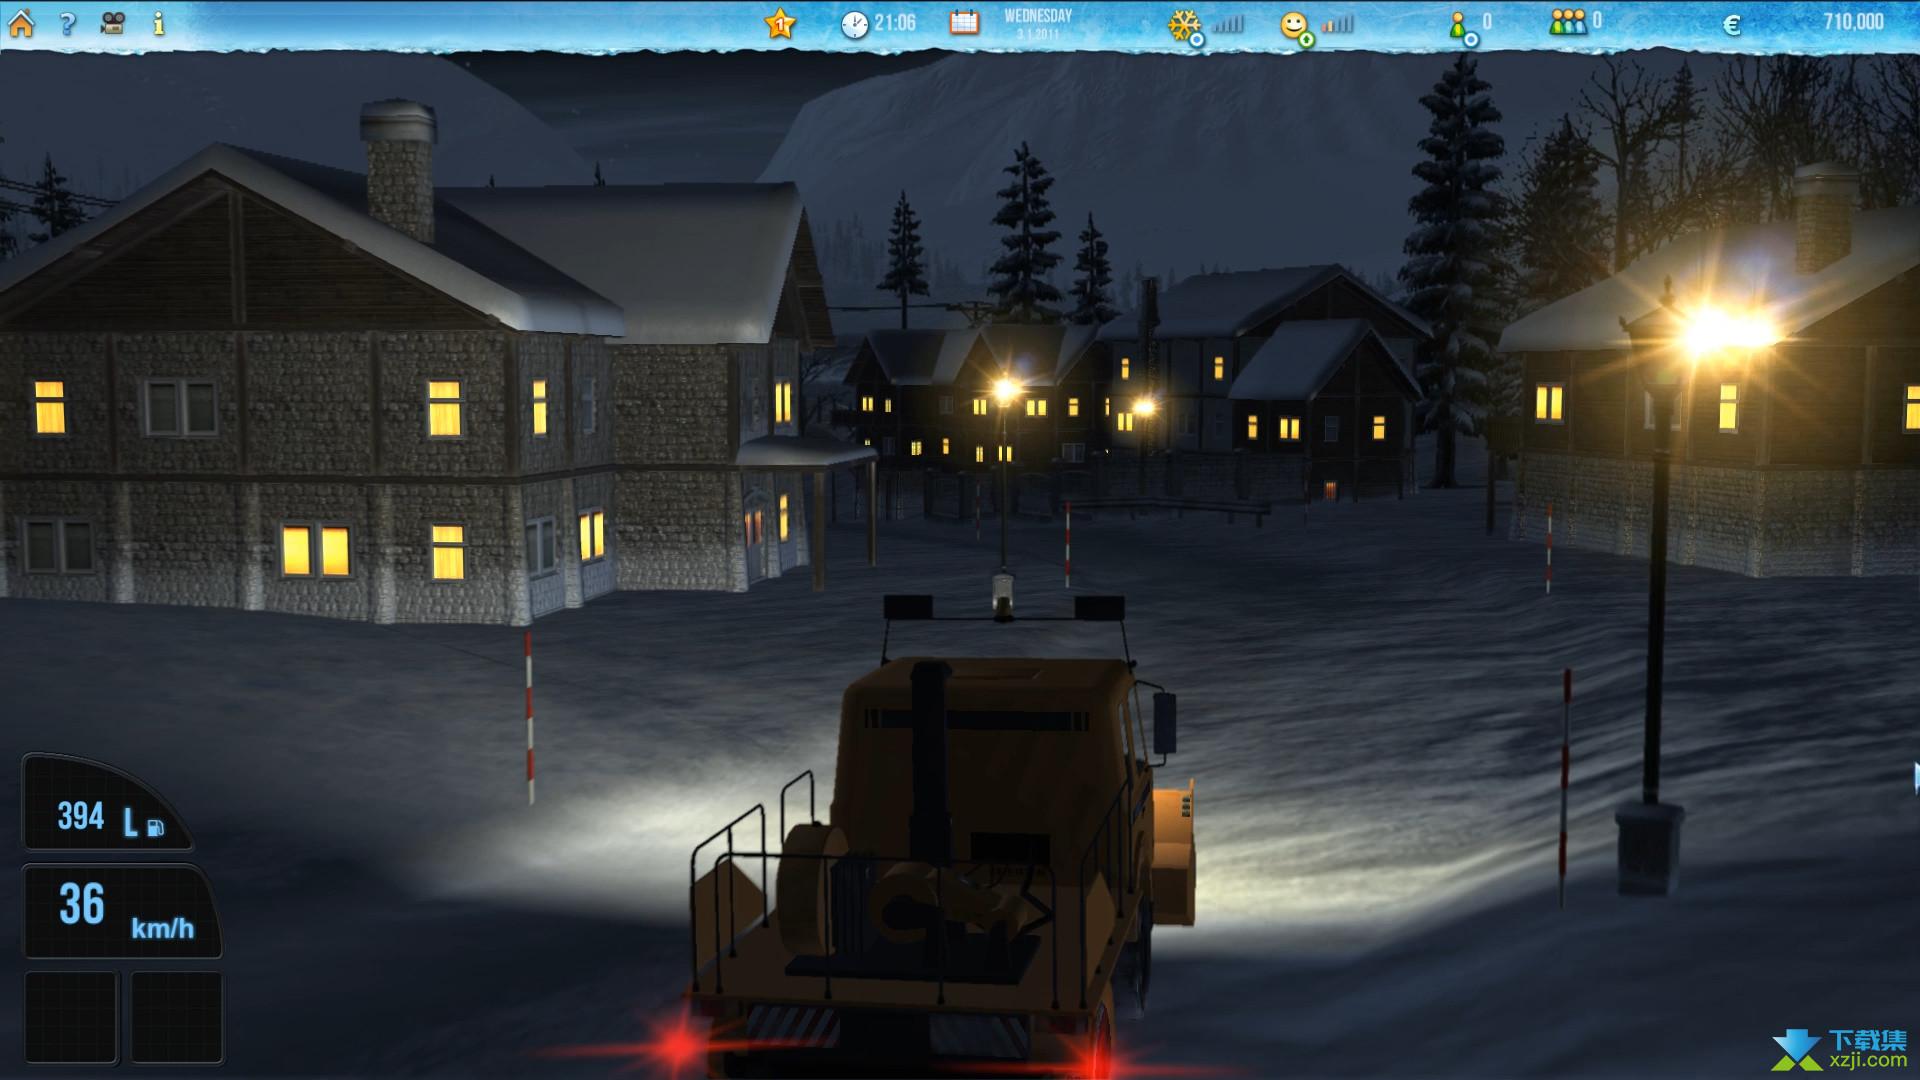 滑雪世界模拟界面1